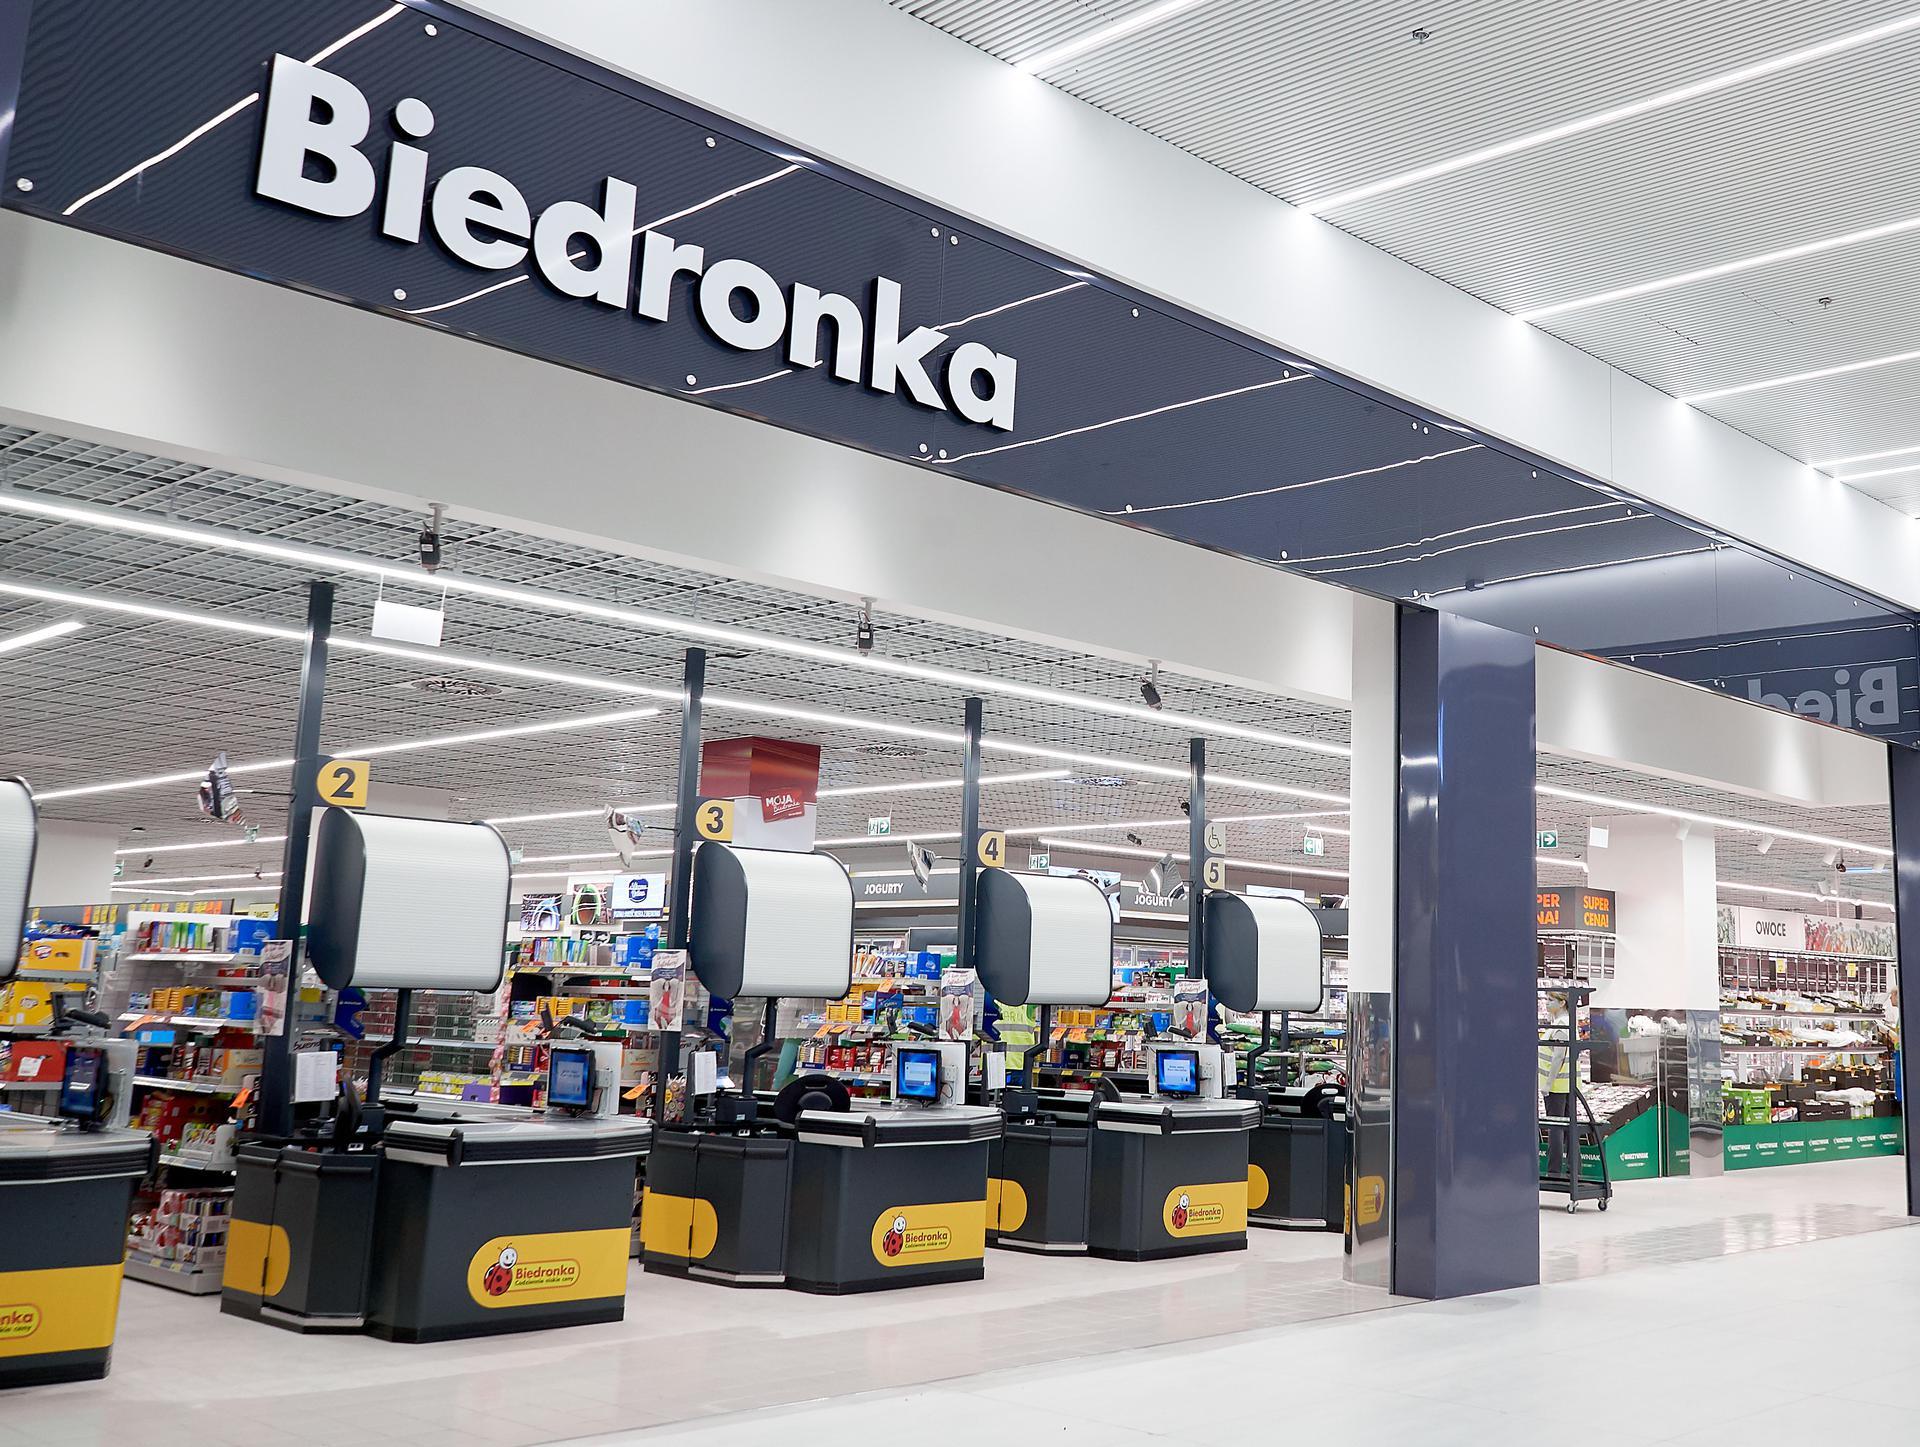 Biedronka i Lidl w Krakowie będą czynne CAŁĄ DOBĘ. Zobacz godziny otwarcia sklepów Biedronka i Lidl - Super Express